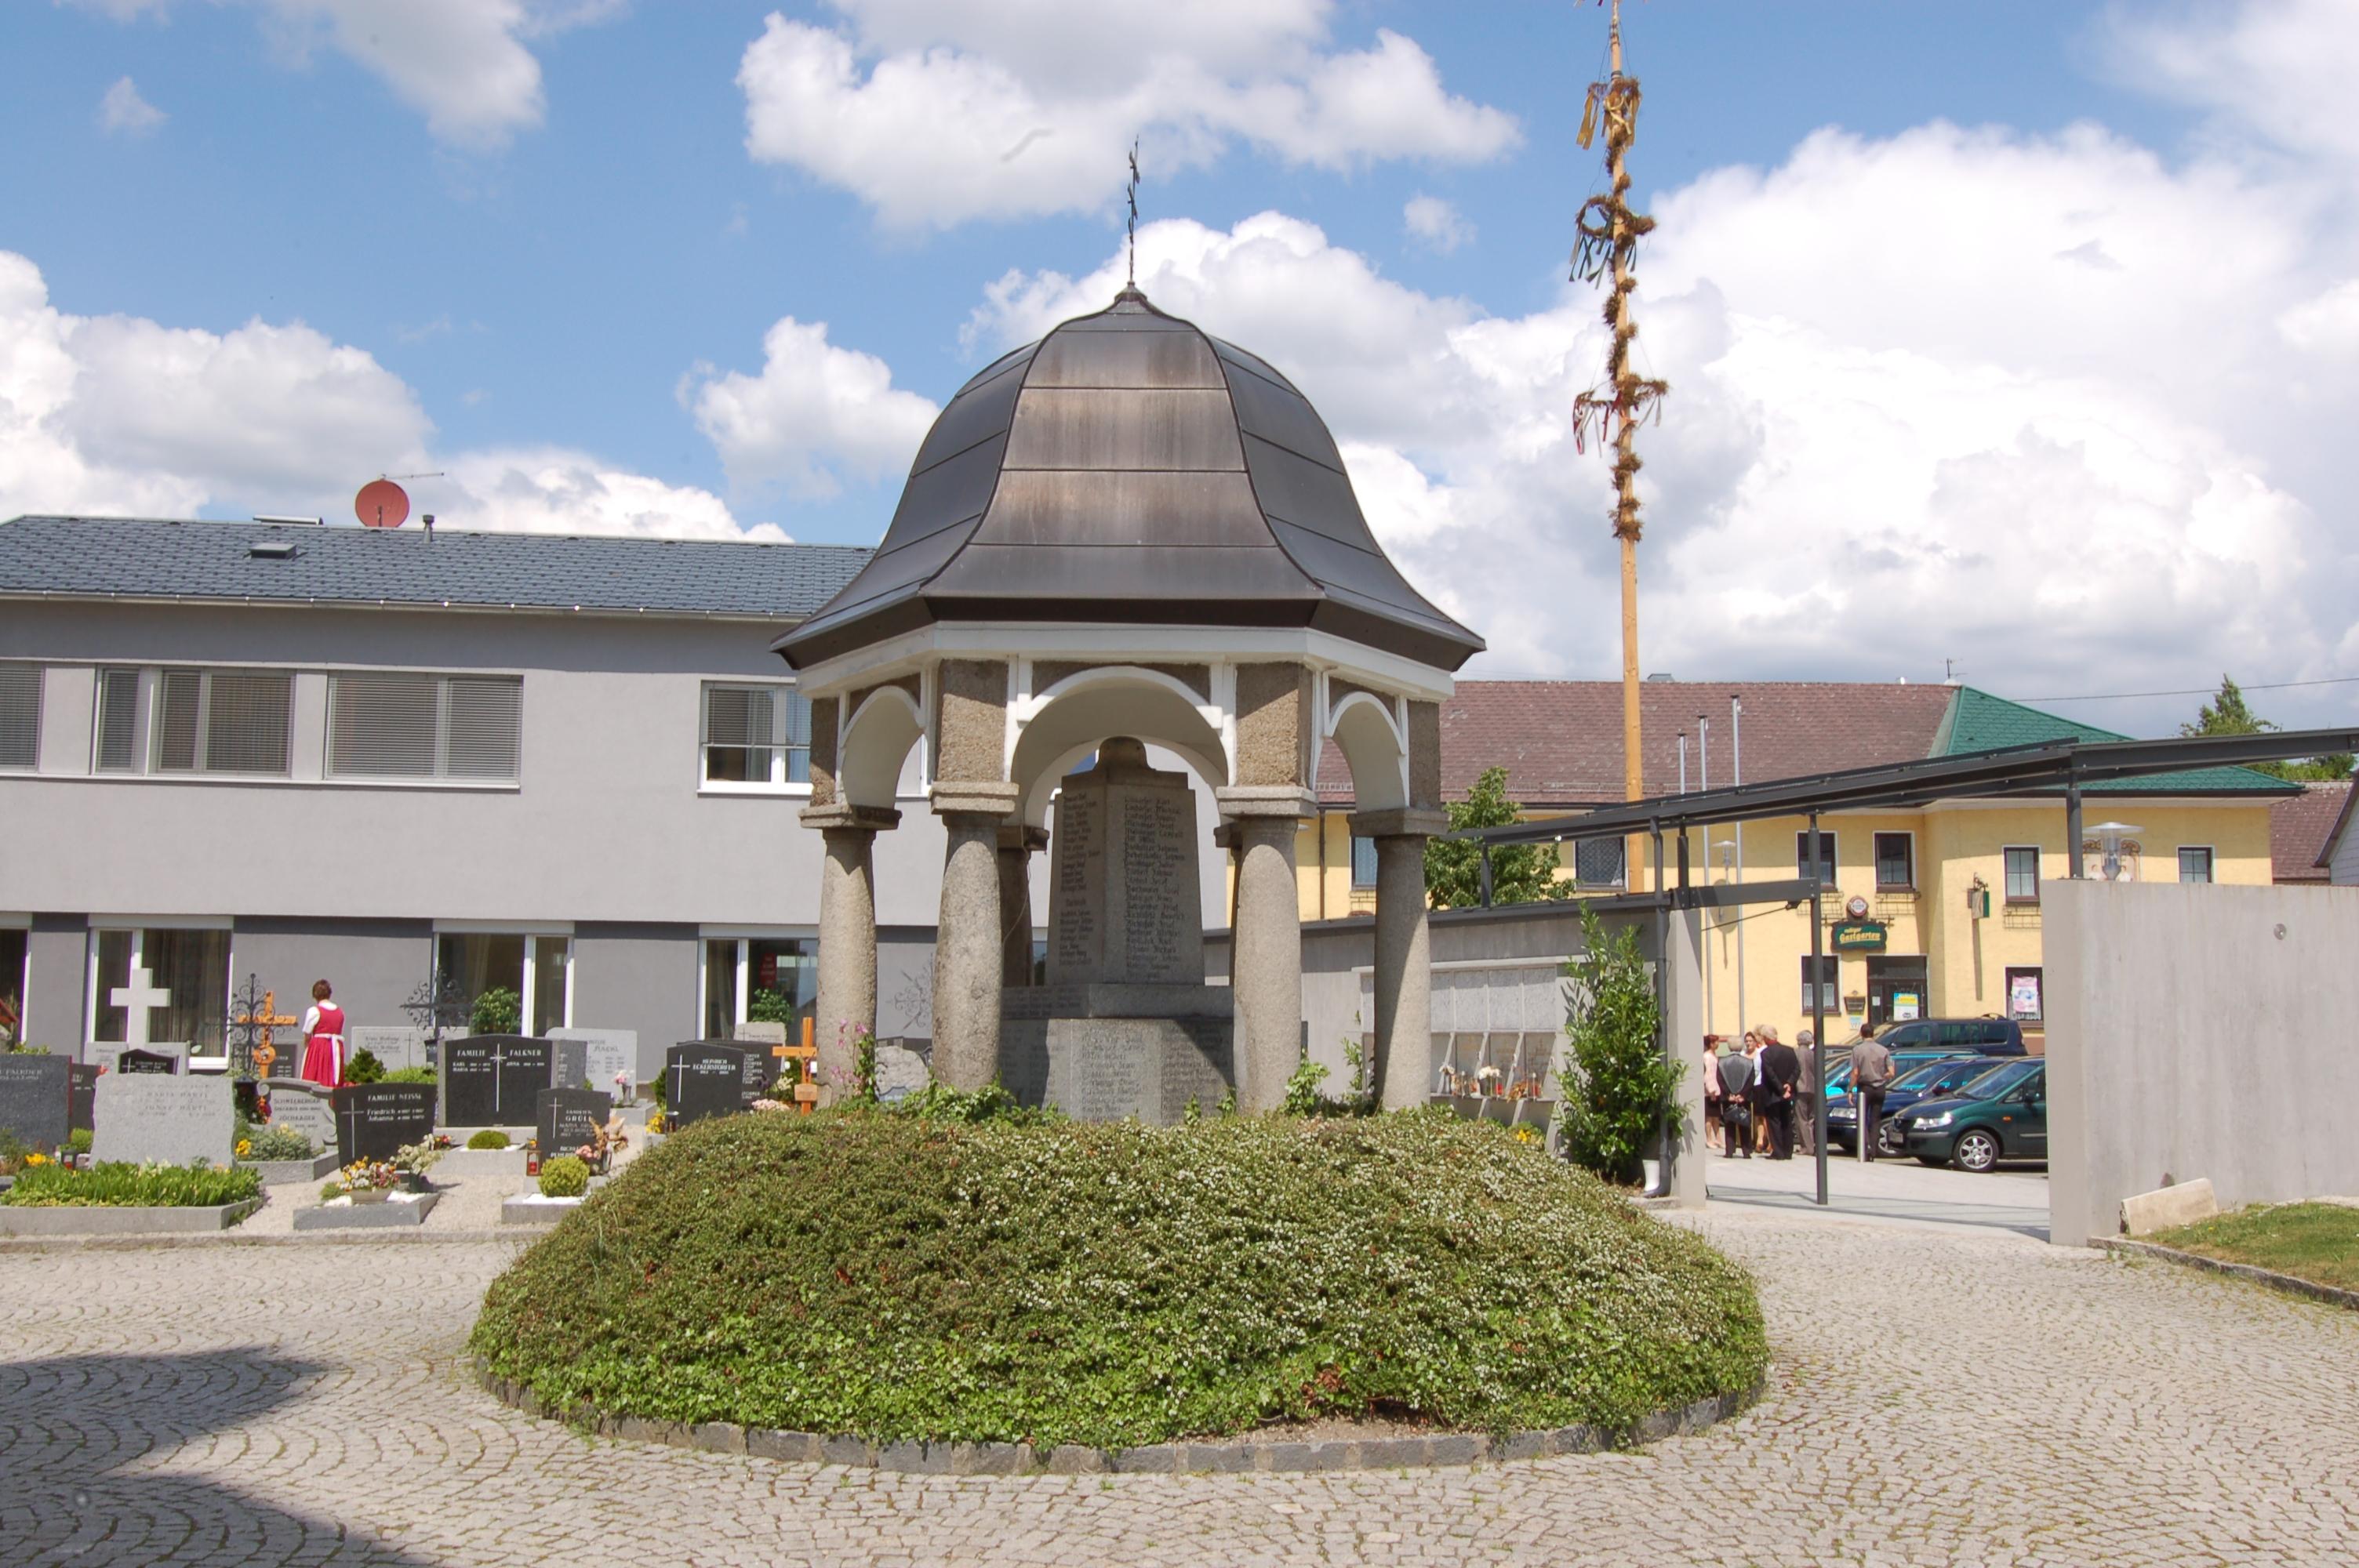 Wildparkwirt - Startseite - Altenfelden, Oberosterreich, Austria